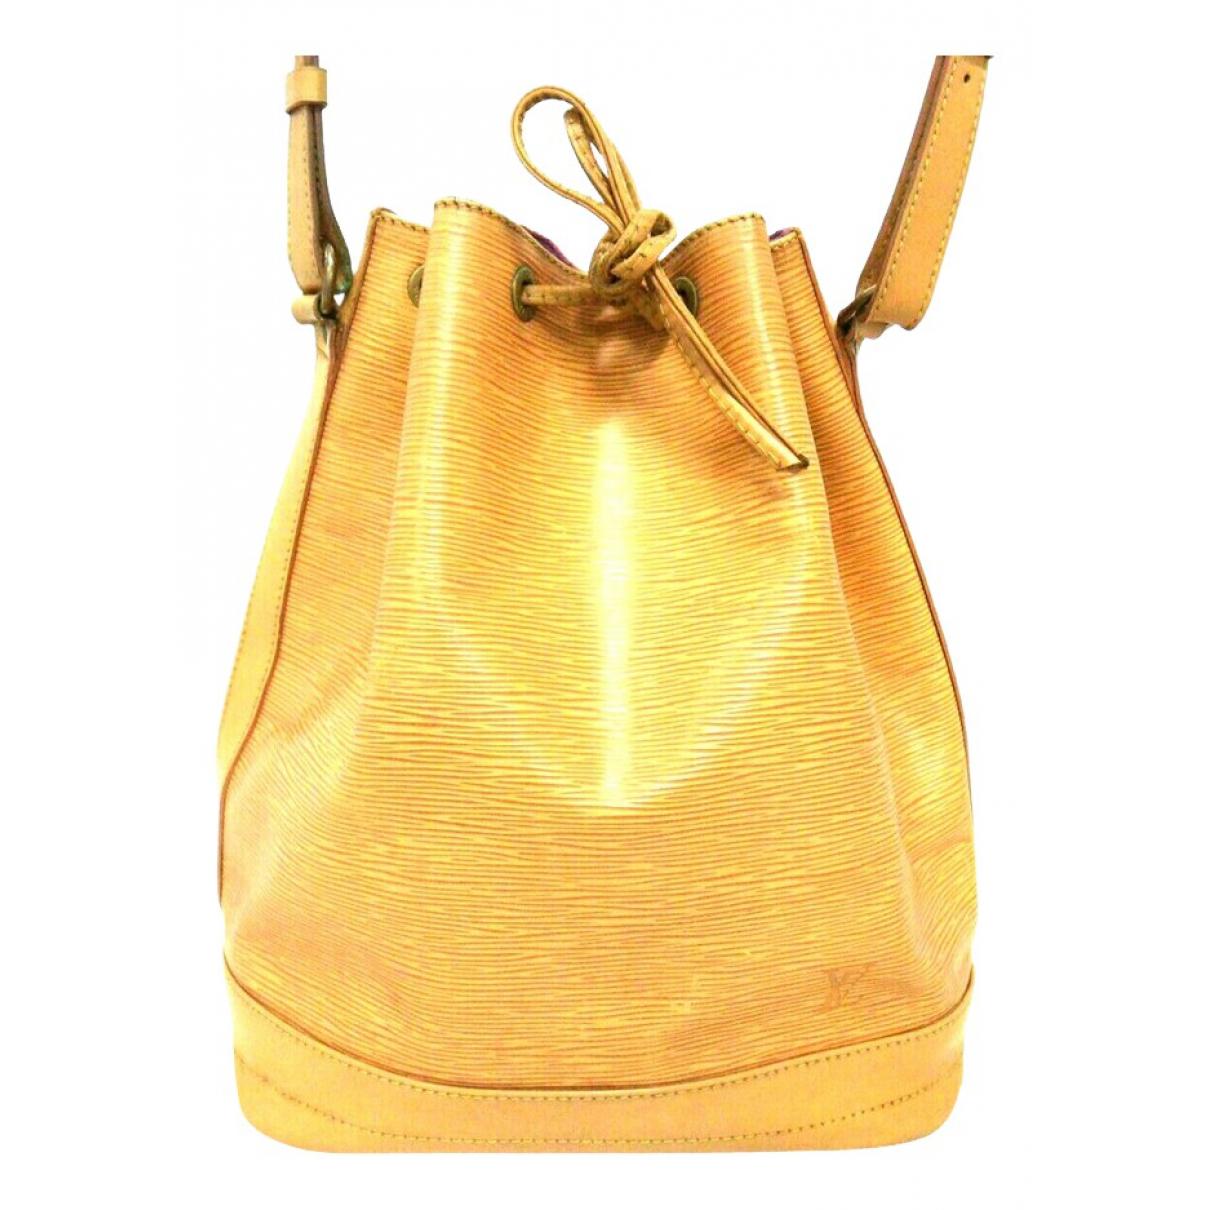 Louis Vuitton - Sac a main Noe pour femme en cuir - jaune